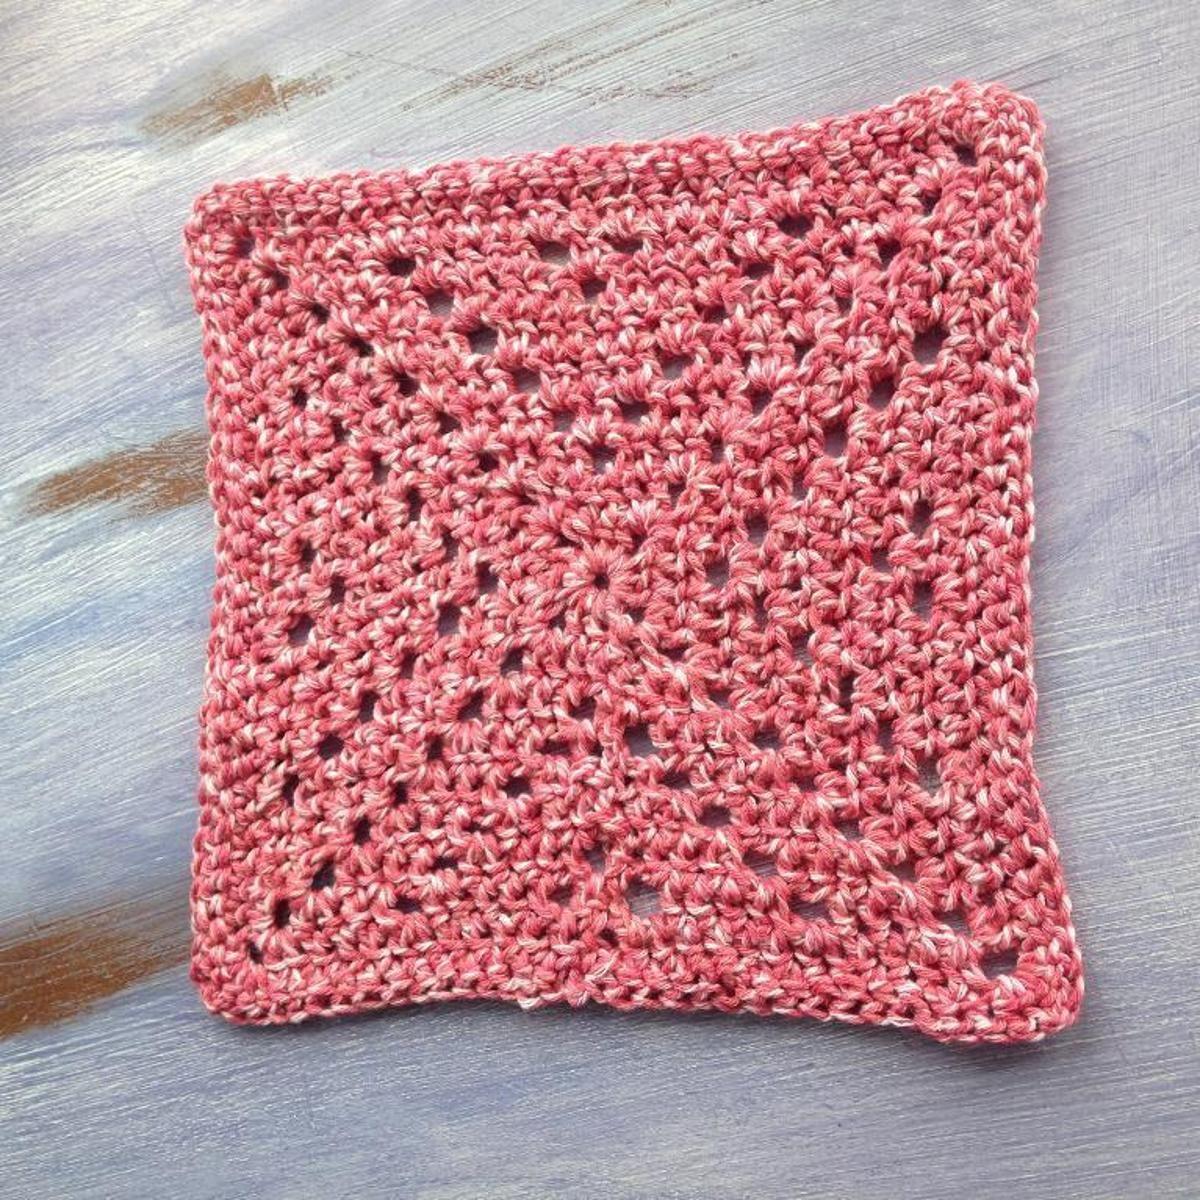 Granny-X Dishcloth | Craftsy | Crochet | Pinterest